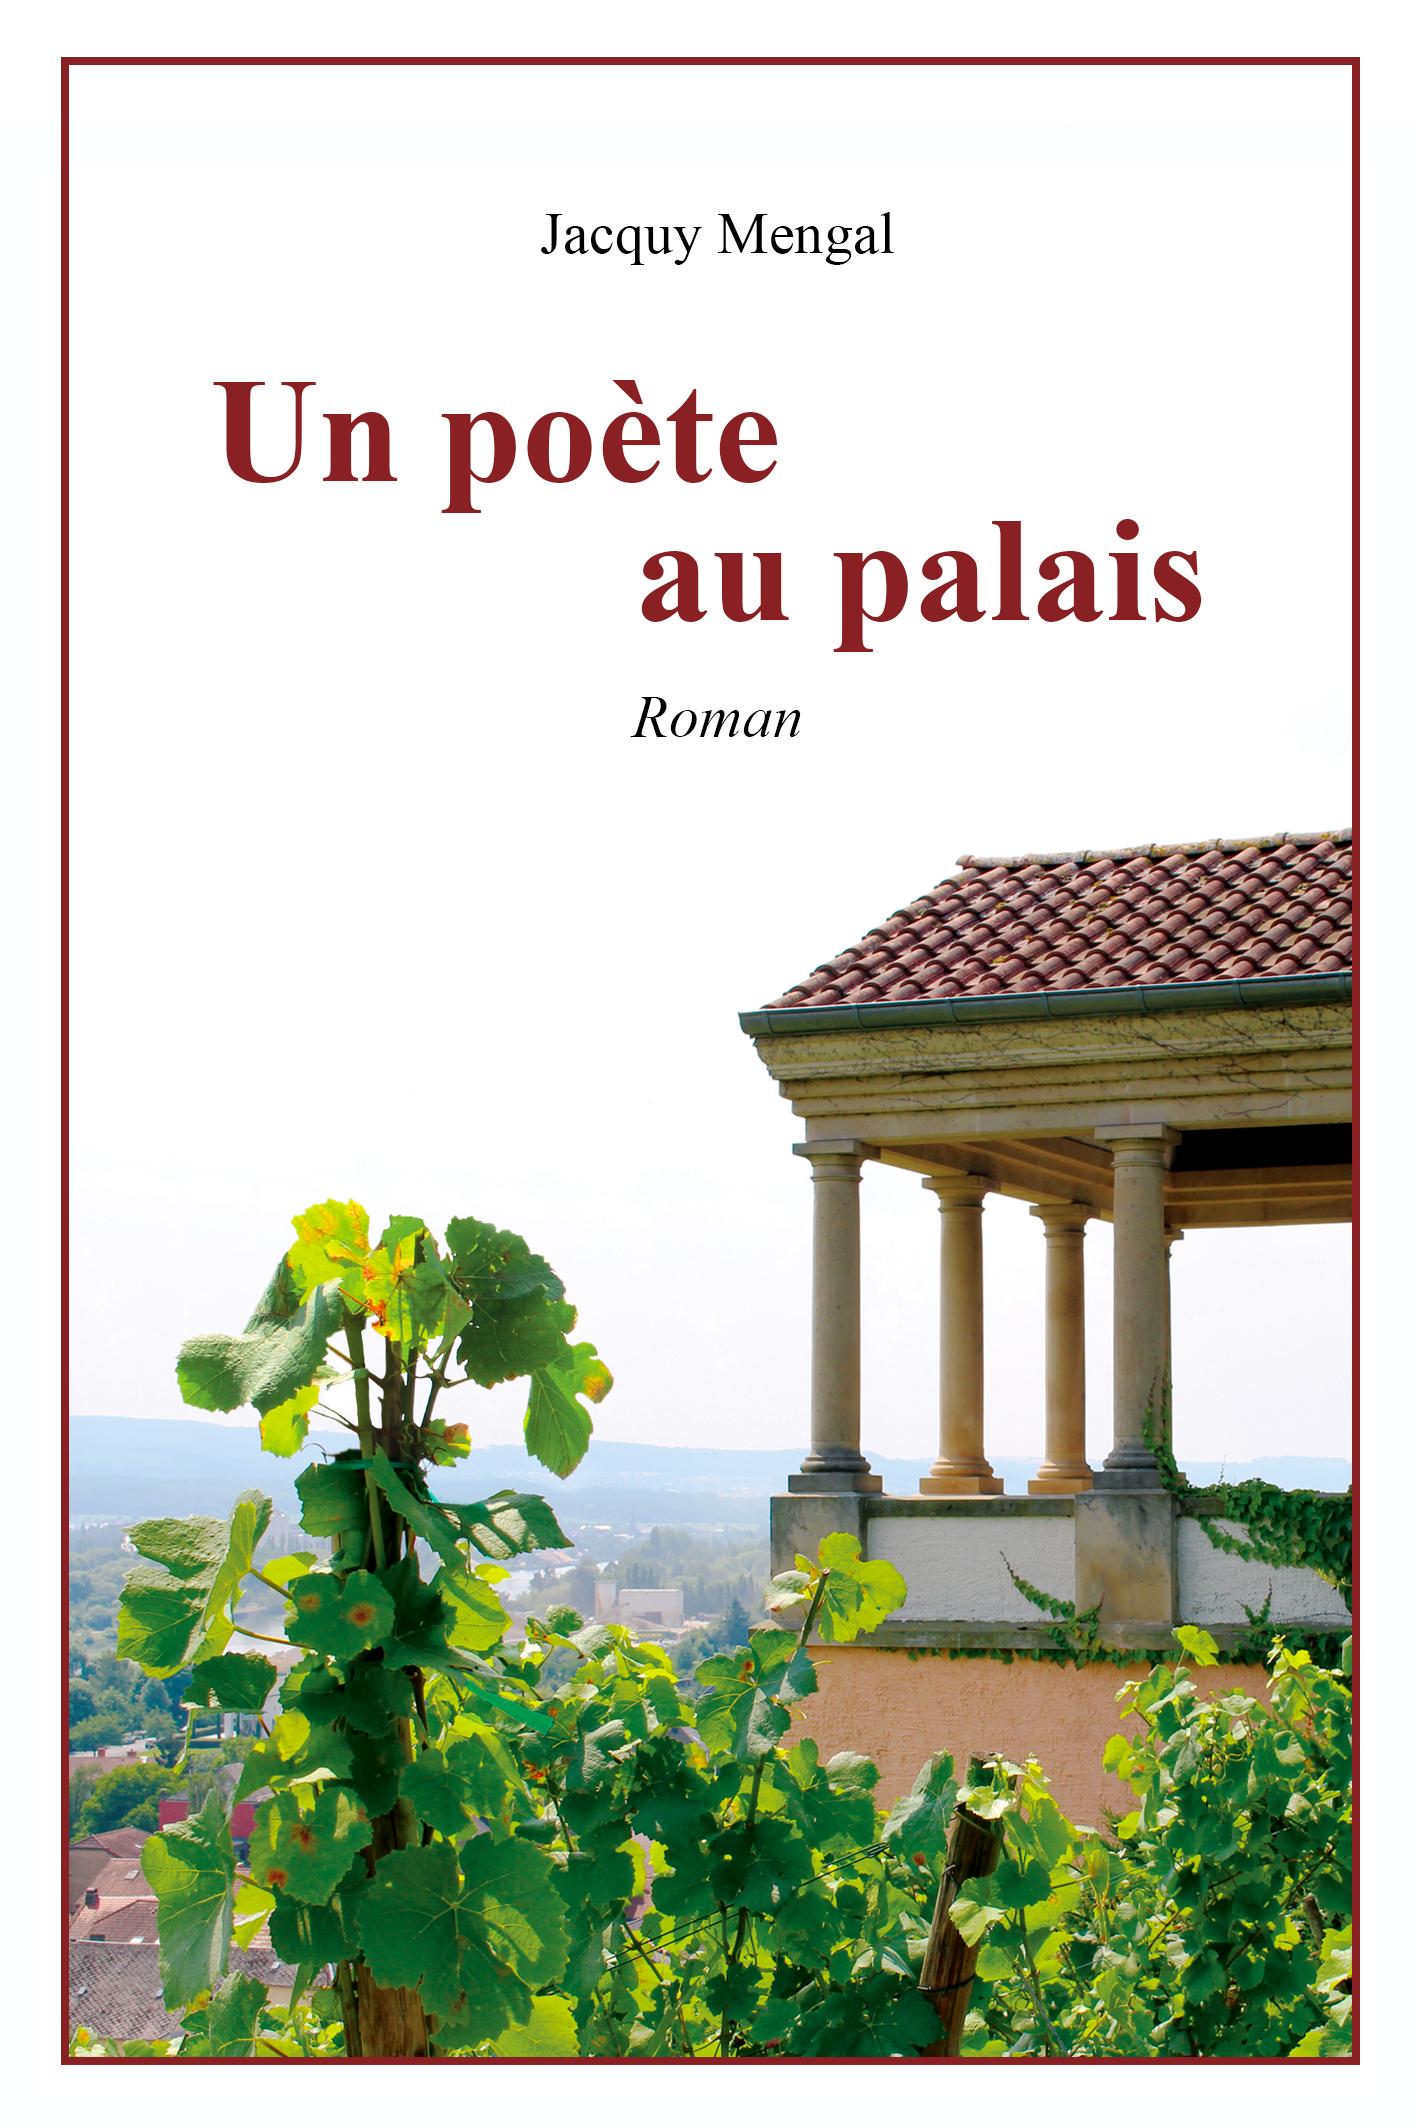 Un poète au palais